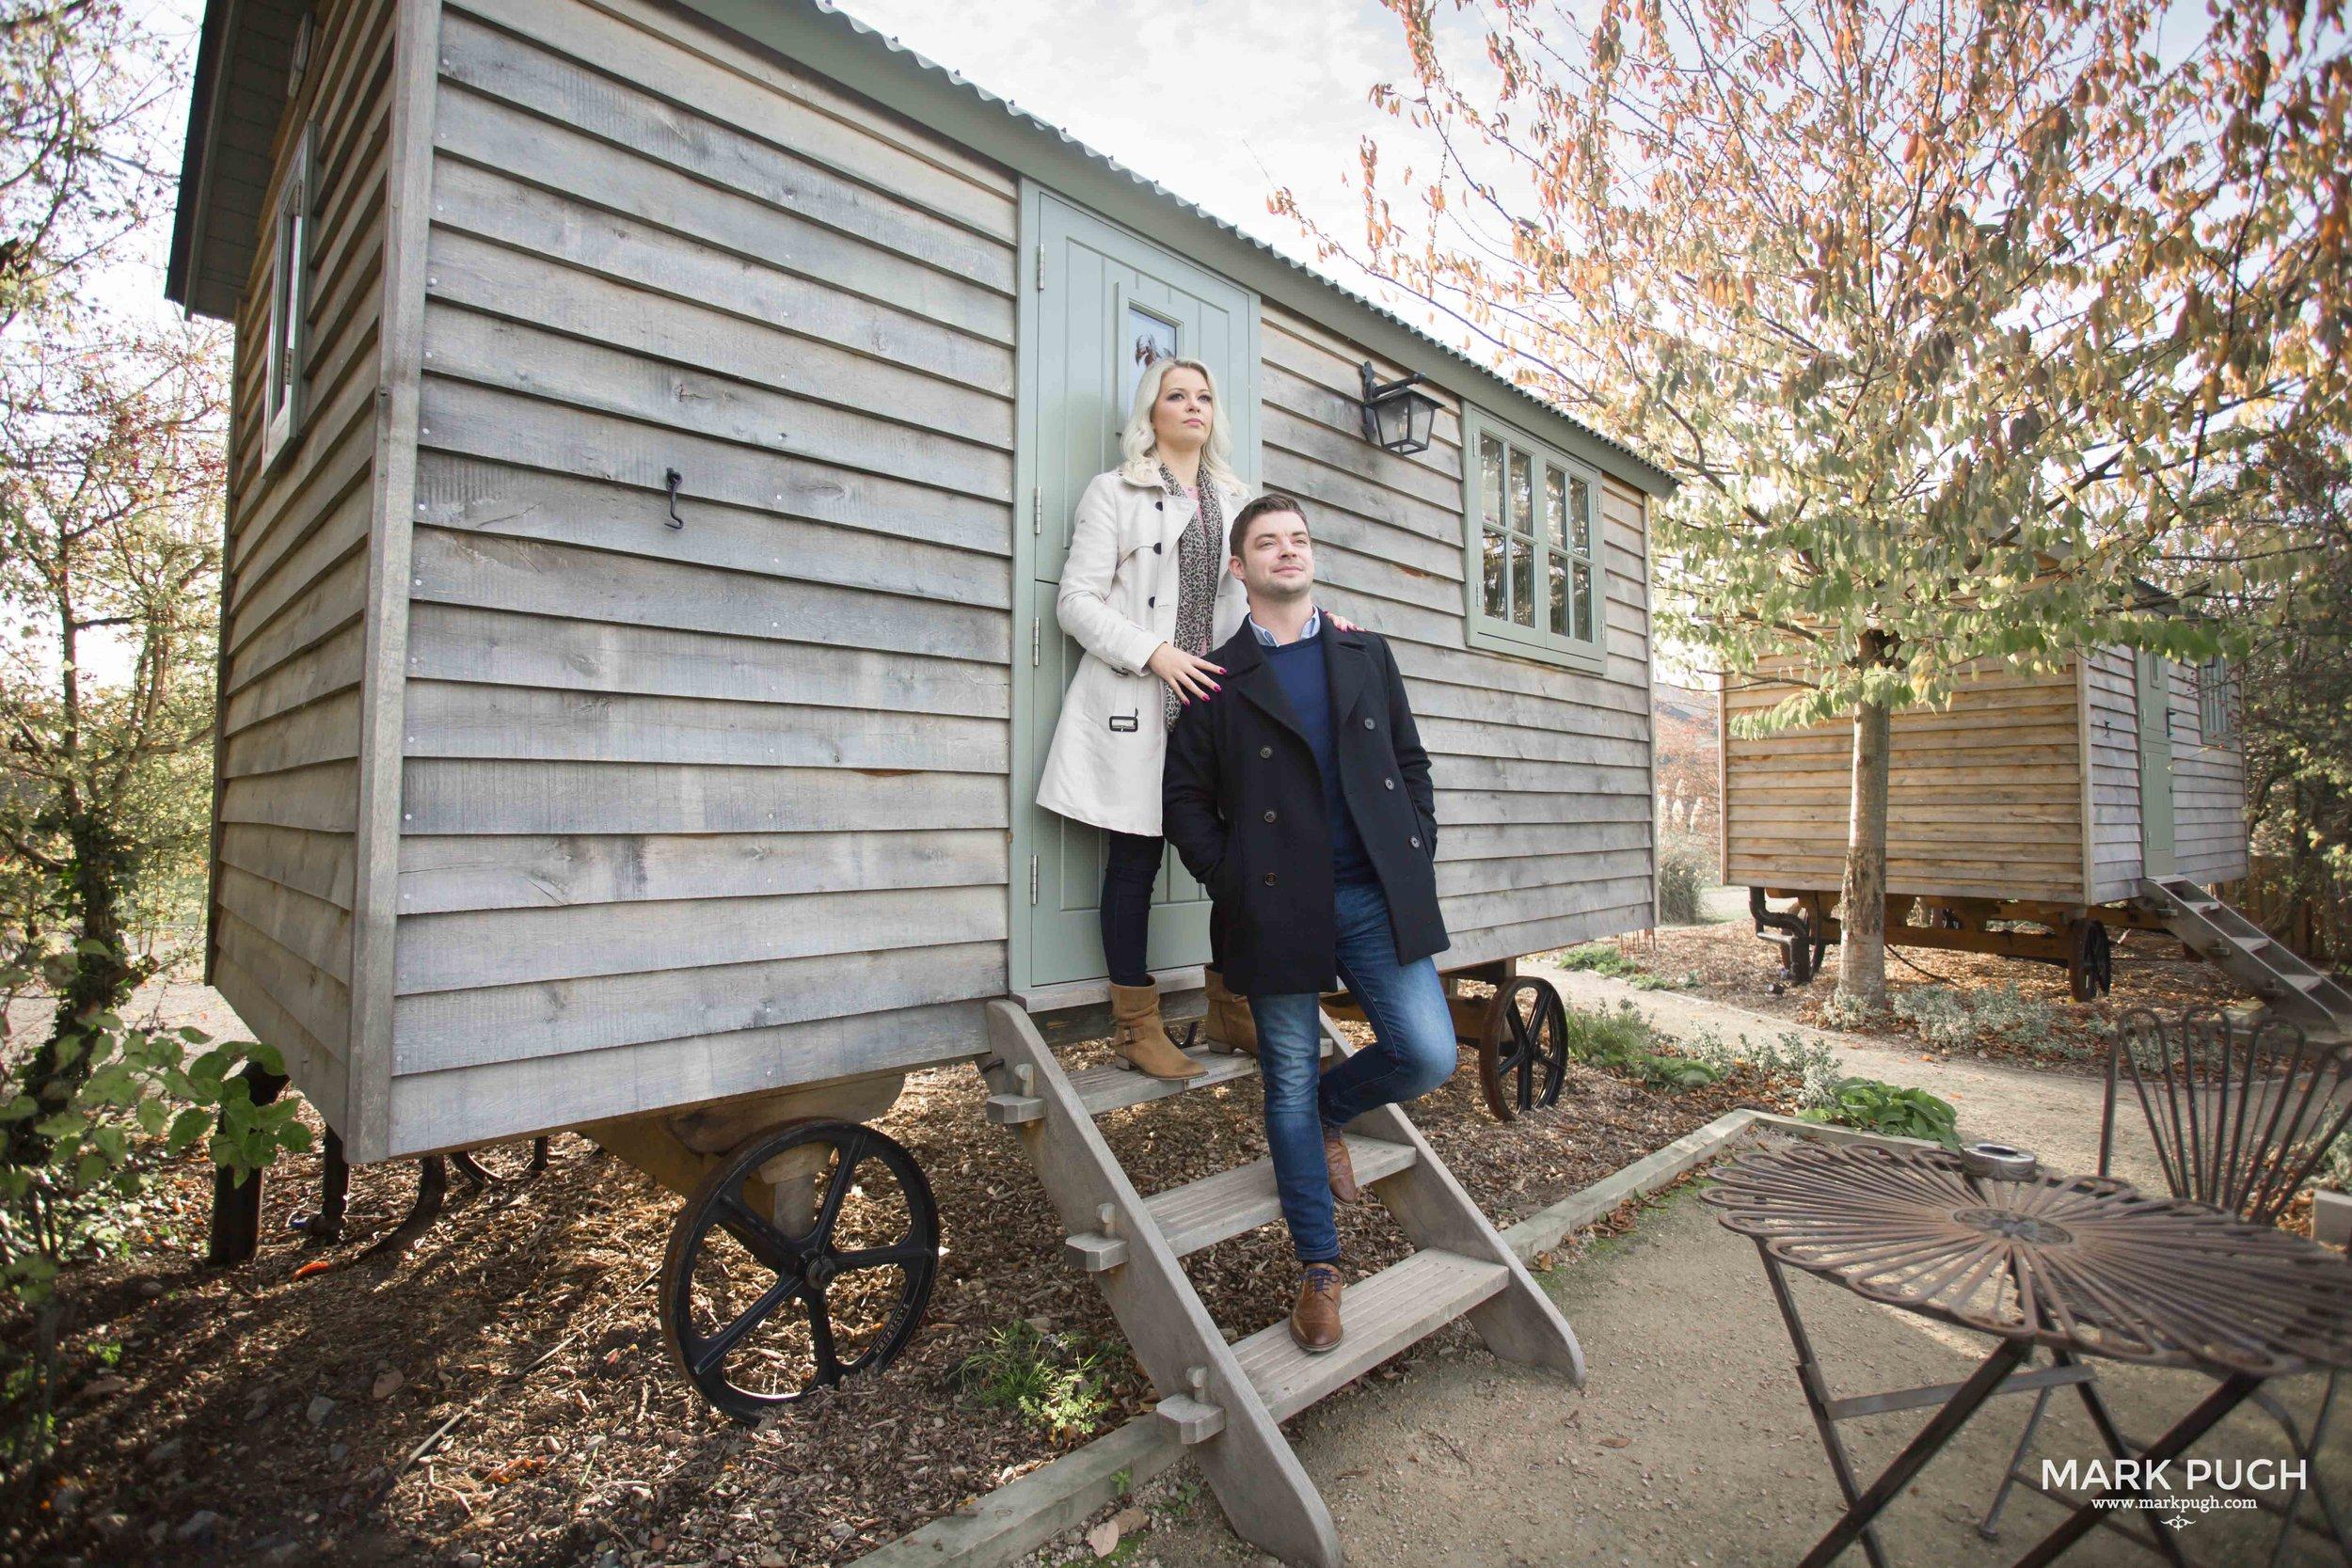 215 - fineART photography by www.markpugh.com Mark Pugh of www.mpmedia.co.uk_.JPG